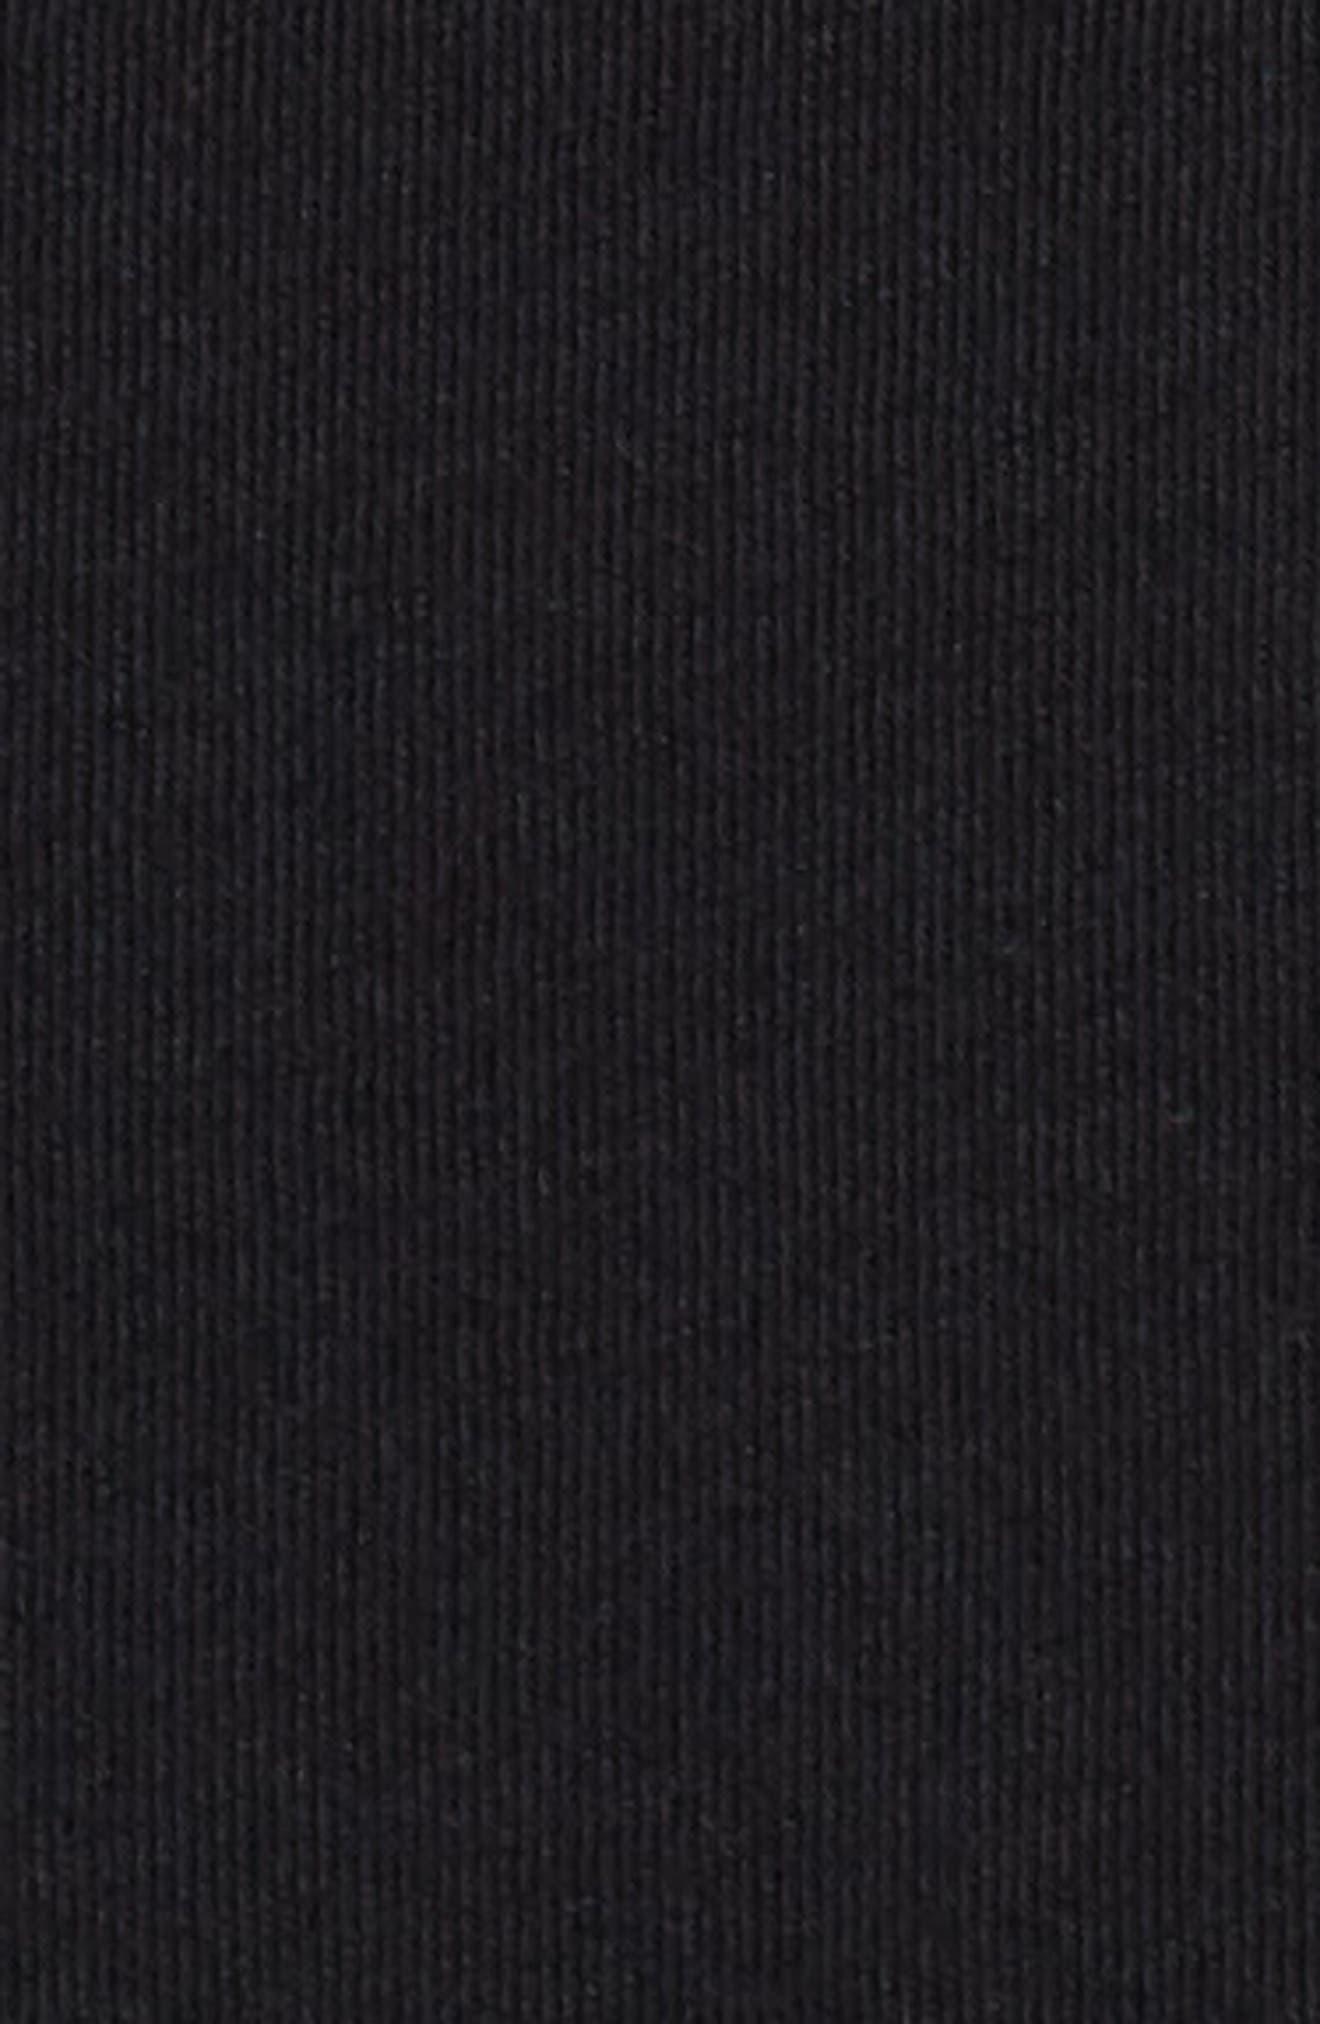 T-Just-SE T-Shirt,                             Alternate thumbnail 5, color,                             001